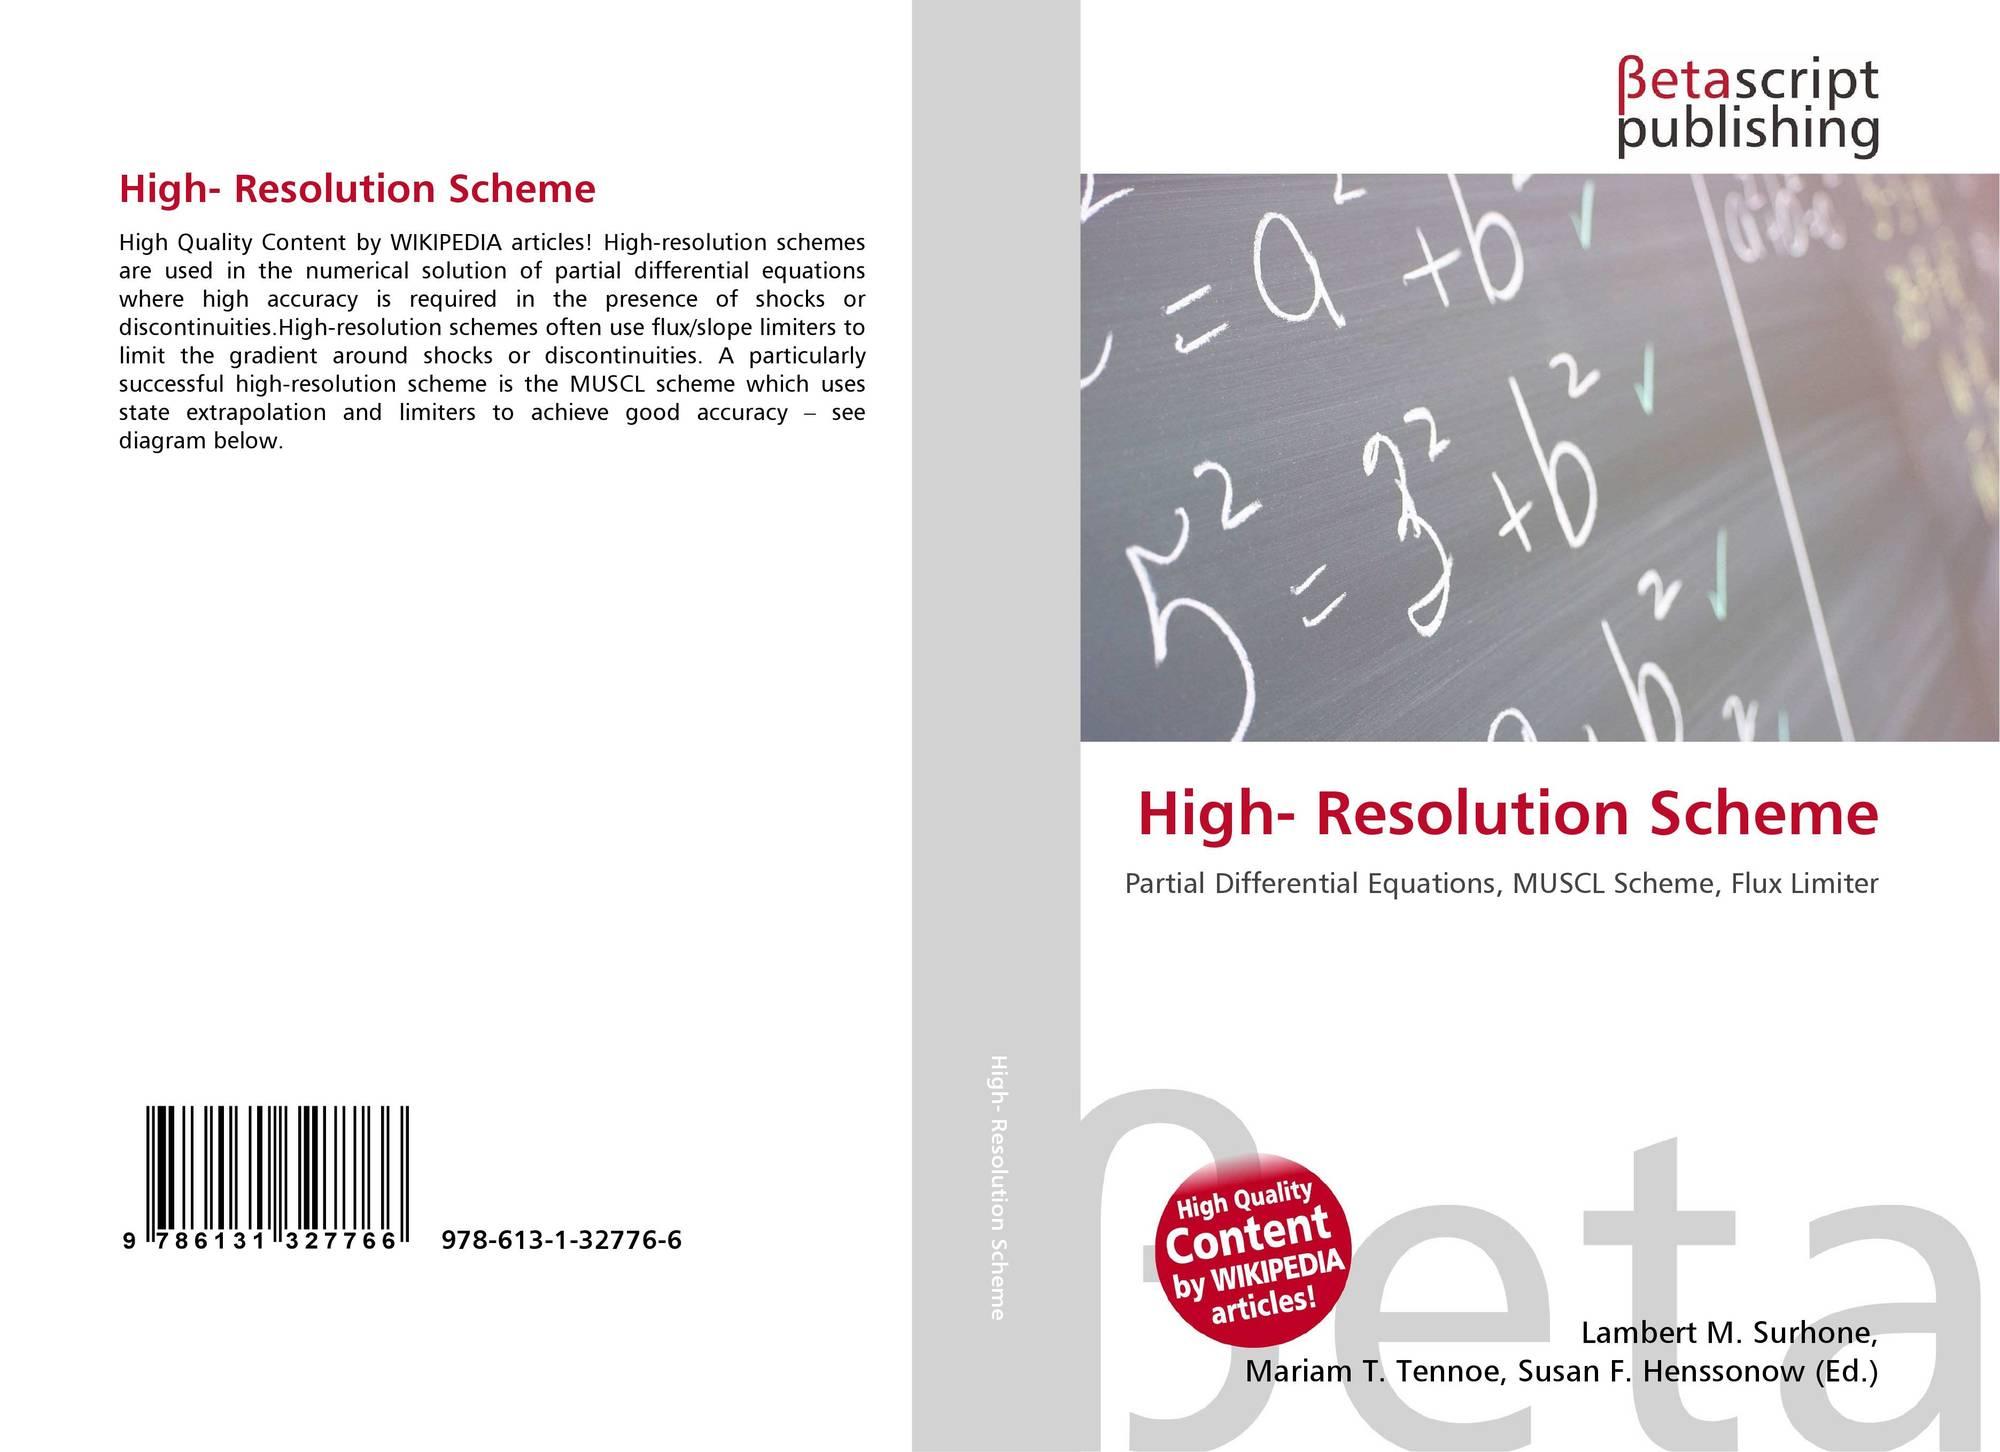 High- Resolution Scheme, 978-613-1-32776-6, 6131327769